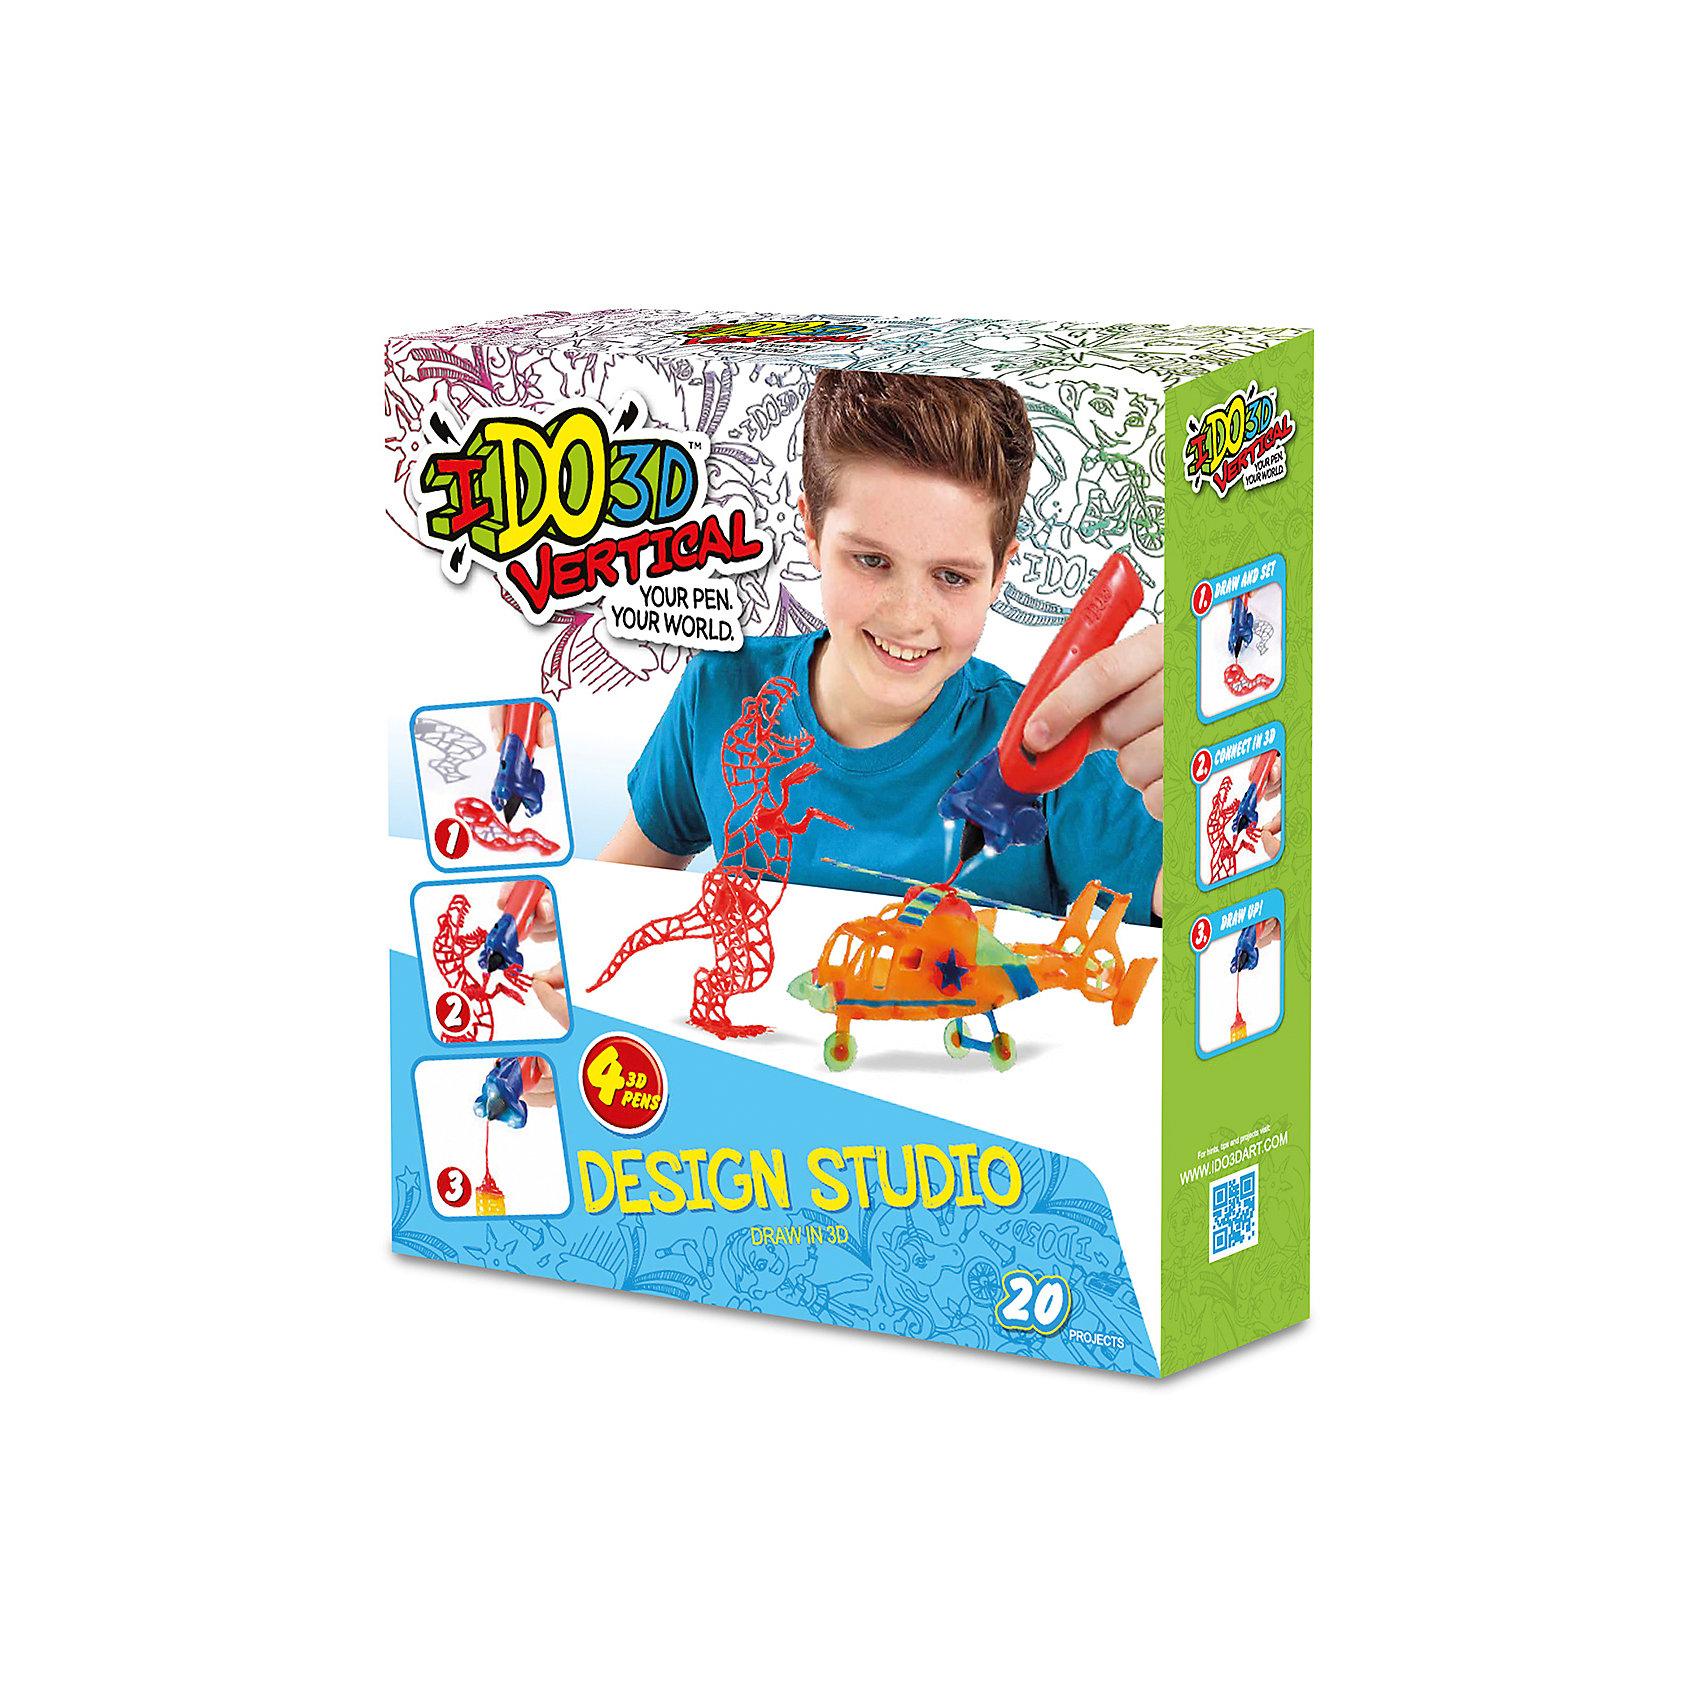 3D ручка Вертикаль,4шт, Дикие забавы (оранж+зел+син+красн)3D-ручки<br>Революционная игрушка в области 3Д рисования, новинка 2016 -  Ручка 3D для рисования в воздухе. В наборе- 4 цветные 3D ручки, световая насадка для отверждения, трафареты и инструкция. Работает от 3-х батареек А76/(LR44) входят в набор<br><br>Ширина мм: 30<br>Глубина мм: 7<br>Высота мм: 33<br>Вес г: 4<br>Возраст от месяцев: 36<br>Возраст до месяцев: 2147483647<br>Пол: Унисекс<br>Возраст: Детский<br>SKU: 5482767